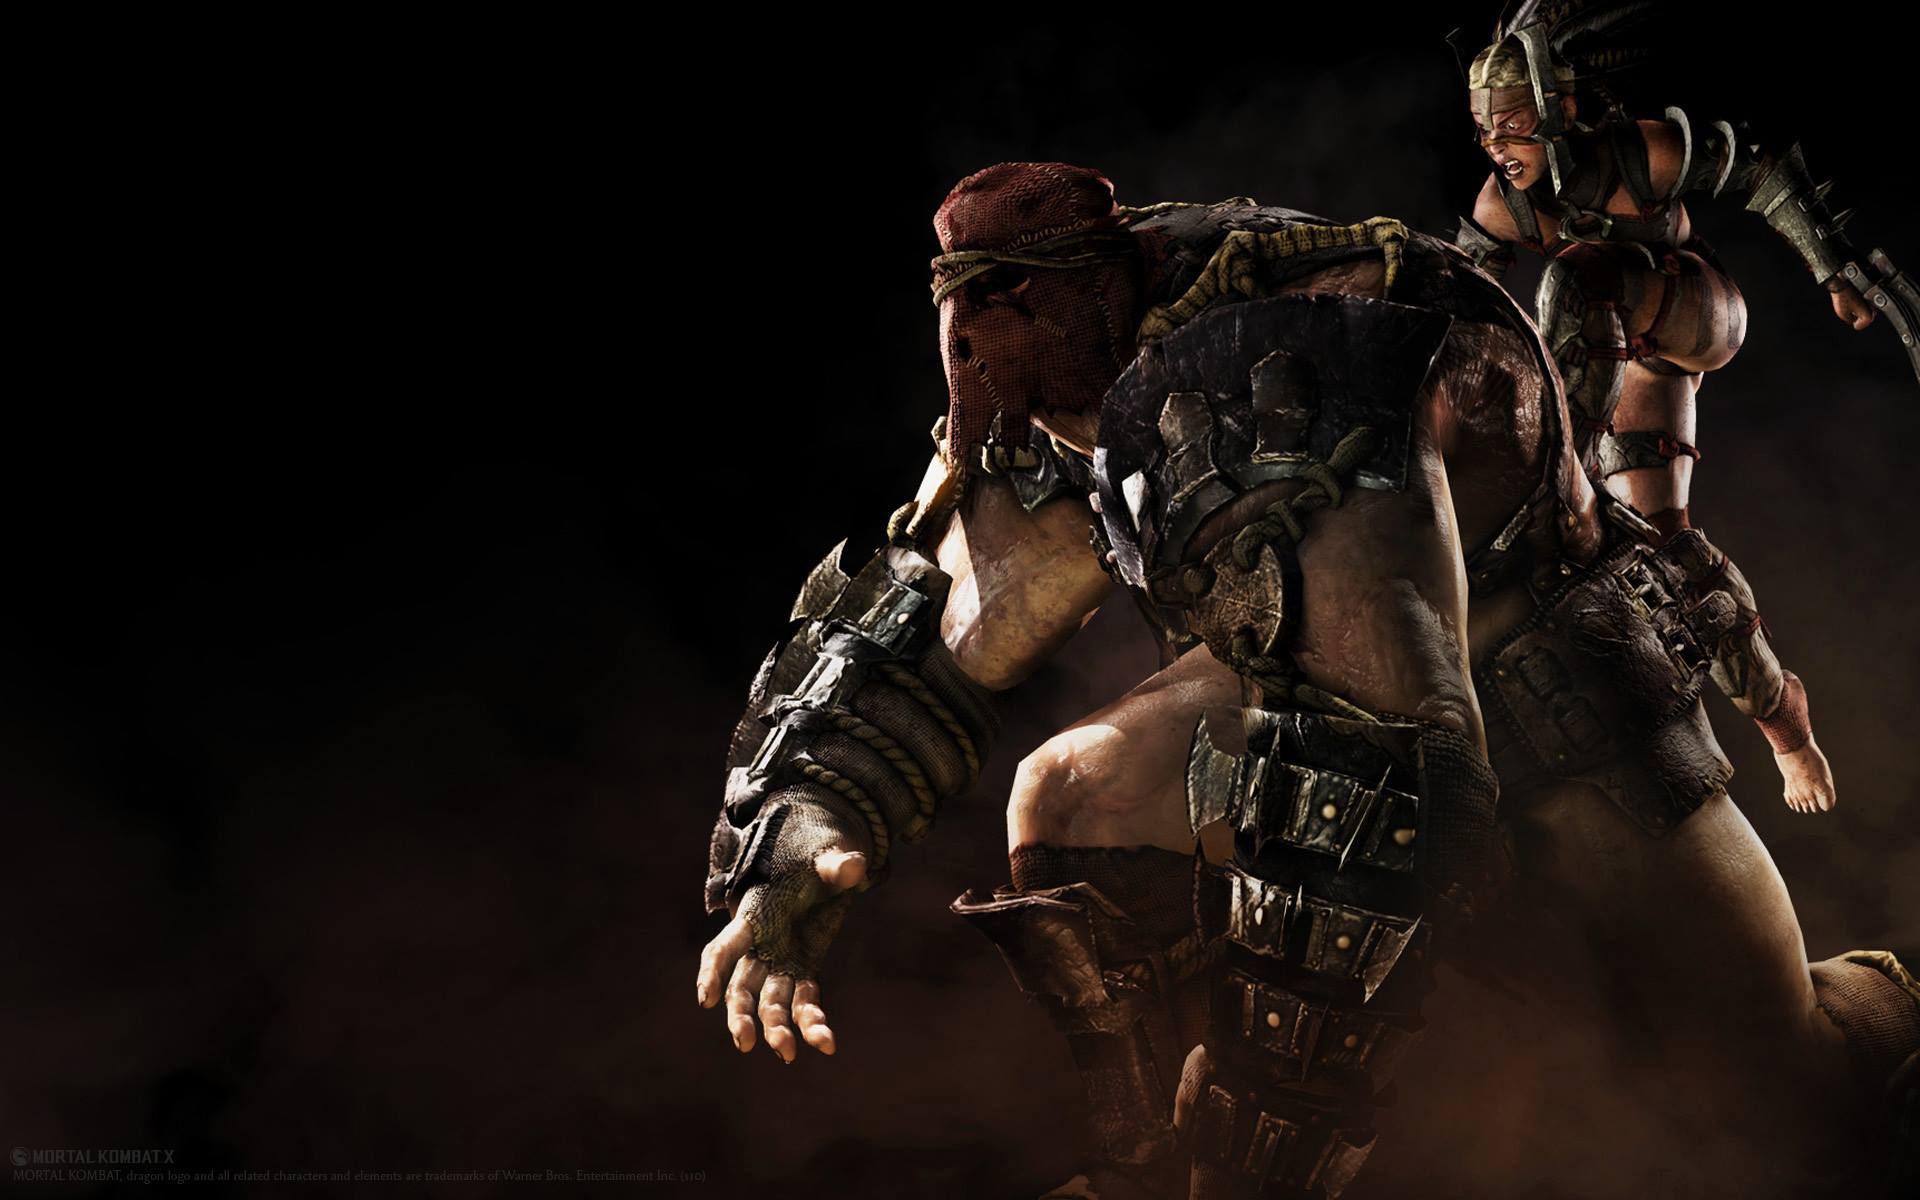 Арт к игре Mortal Kombat X